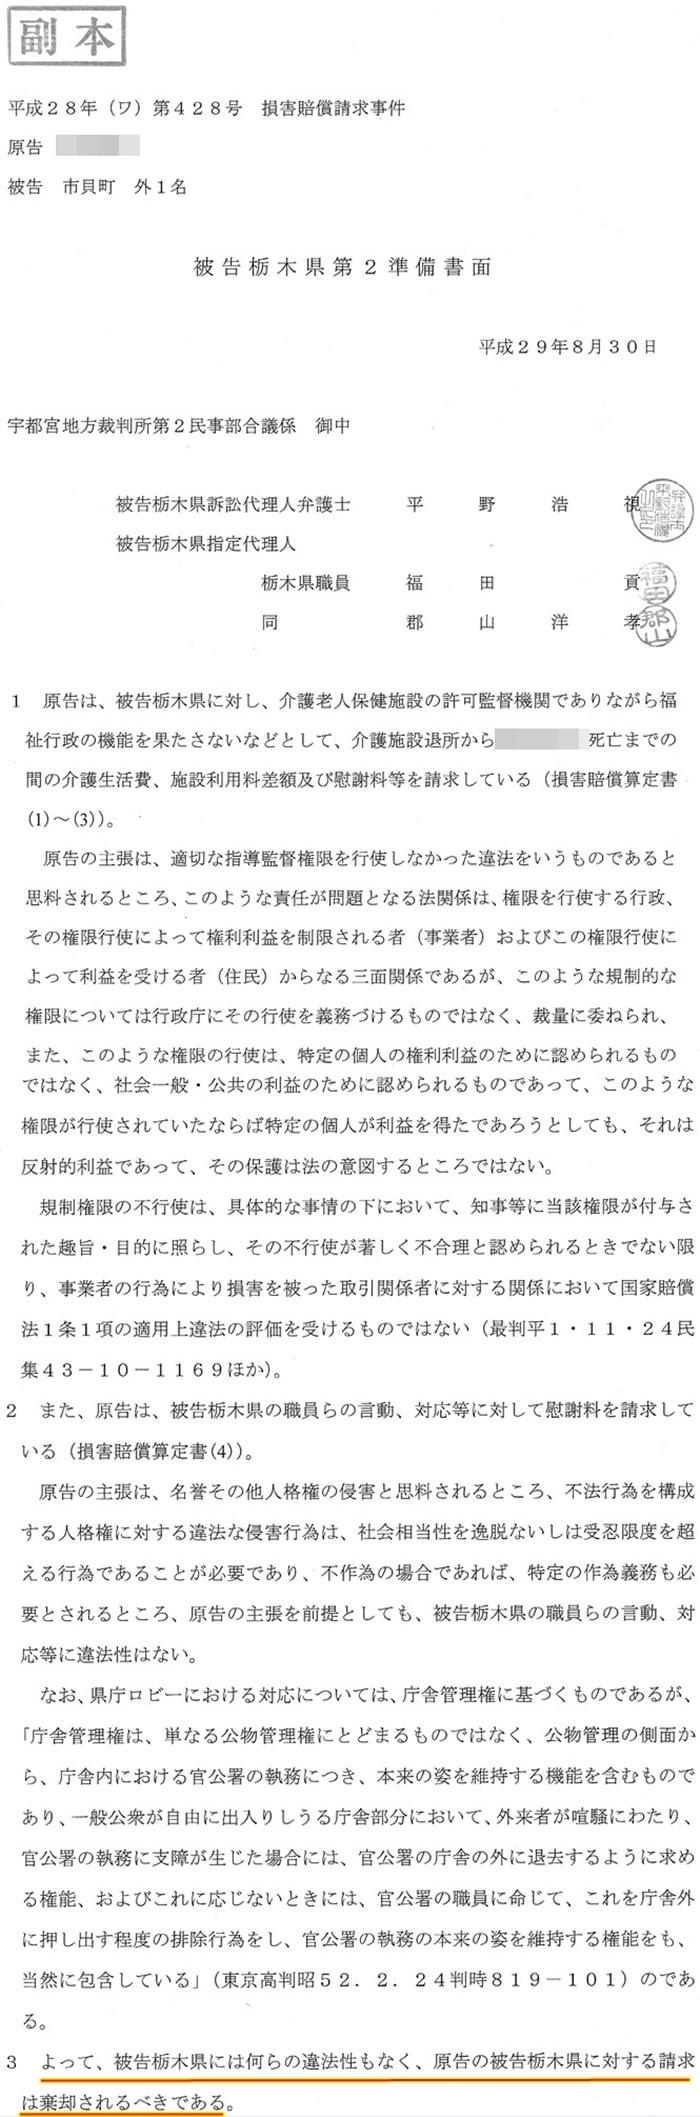 準備書面2 平野浩視弁護士 福田富一知事 栃木県